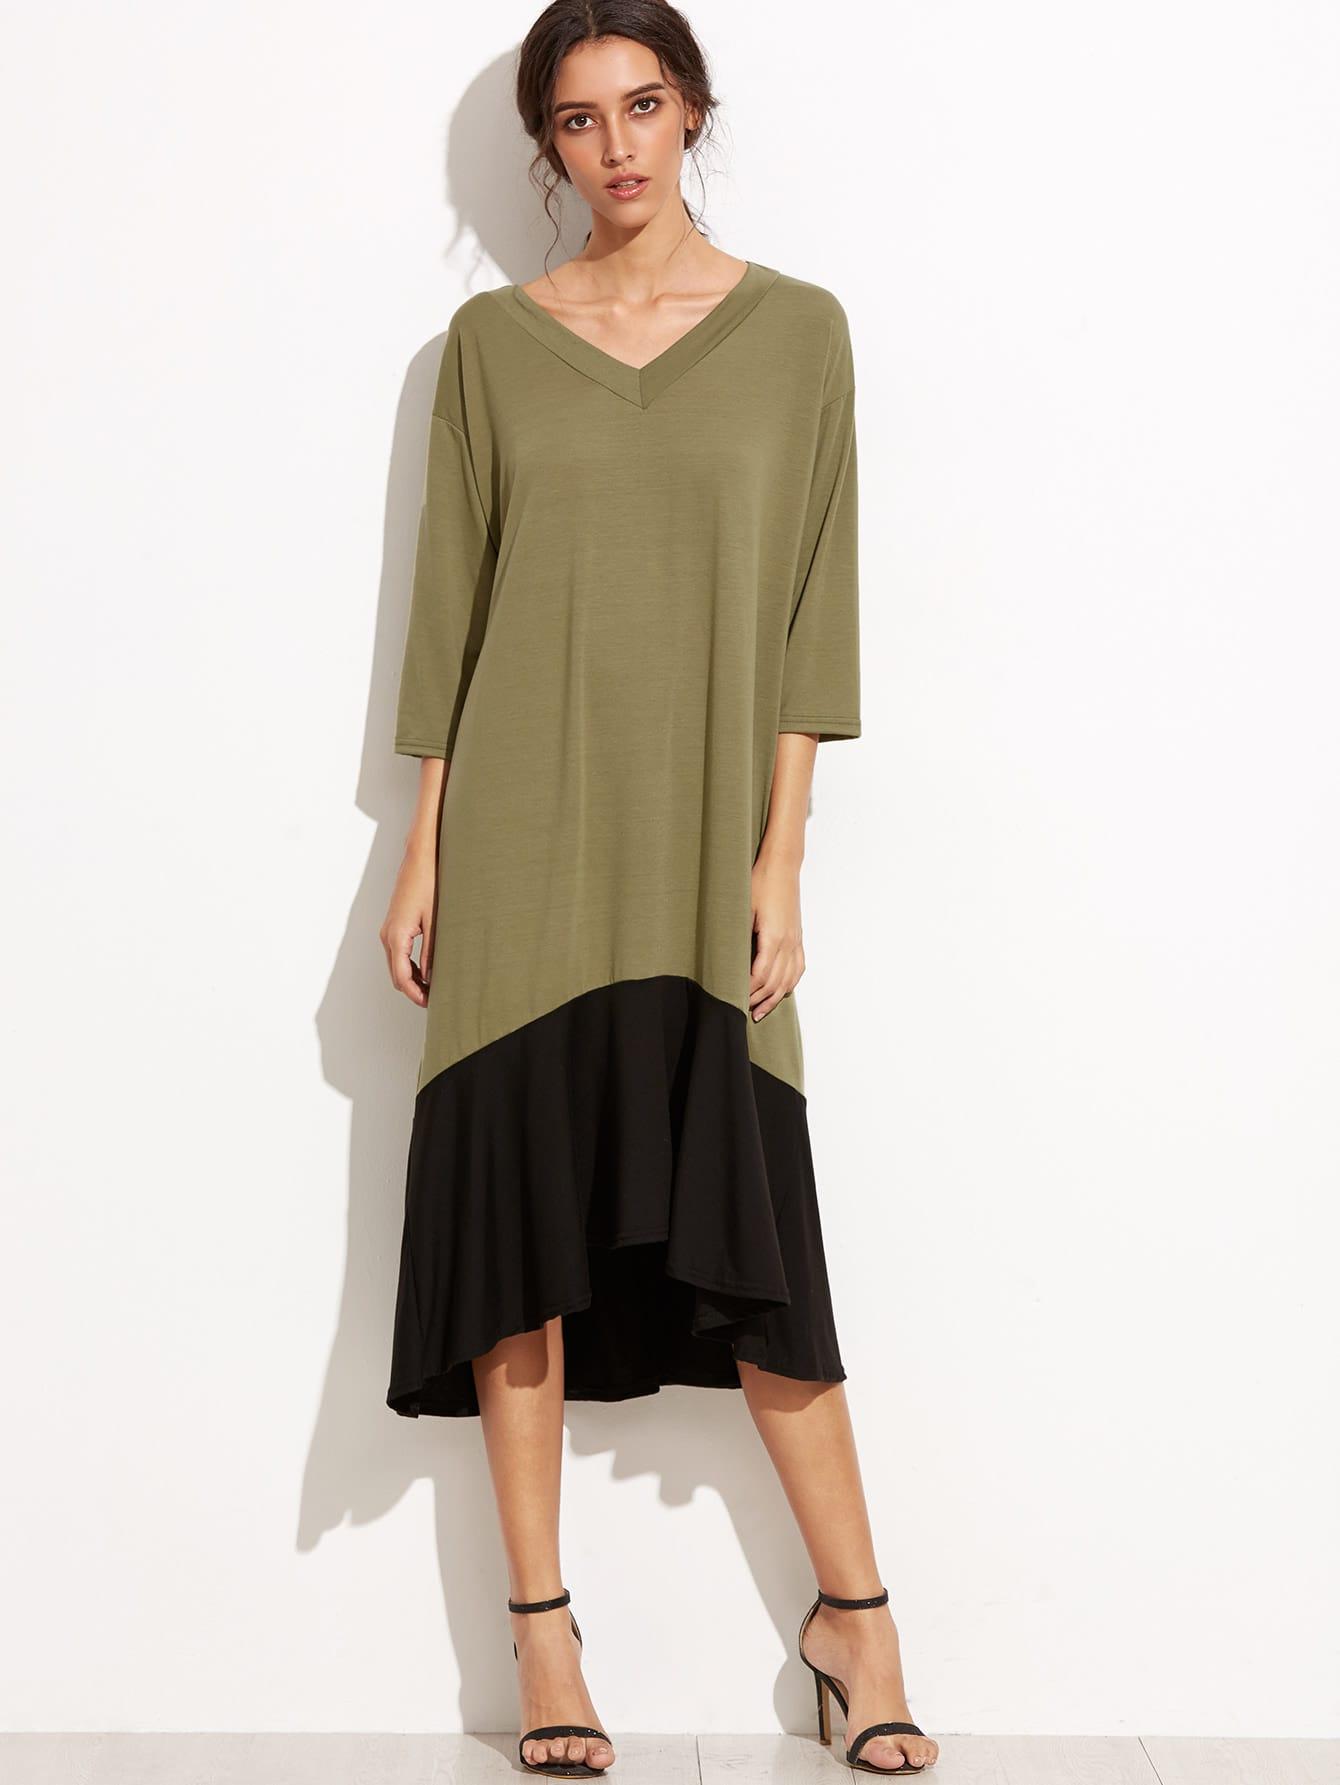 Color Block V Neck High Low Shift Dress